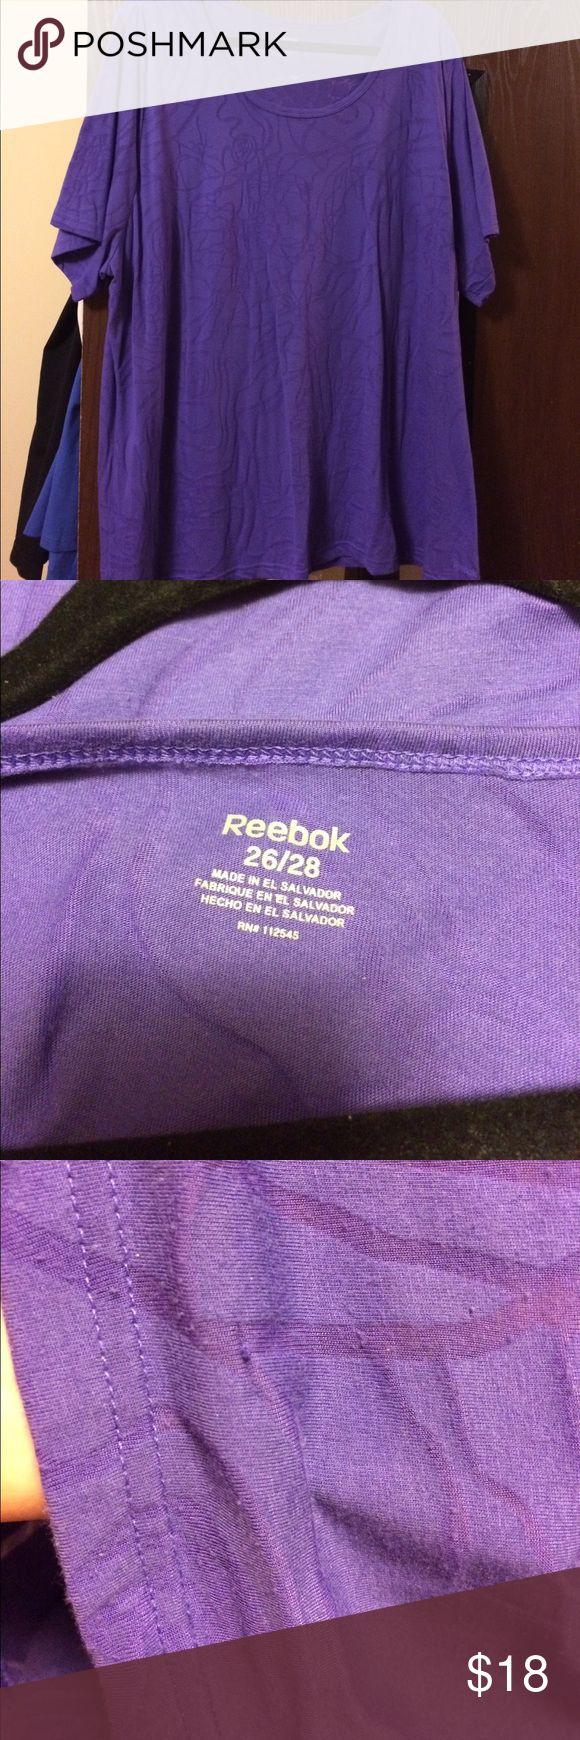 Reebok Purple Tee Reebok Purple Tee, size 26/28.  Sheer in some parts of pattern.  Never worn Reebok Tops Tees - Short Sleeve